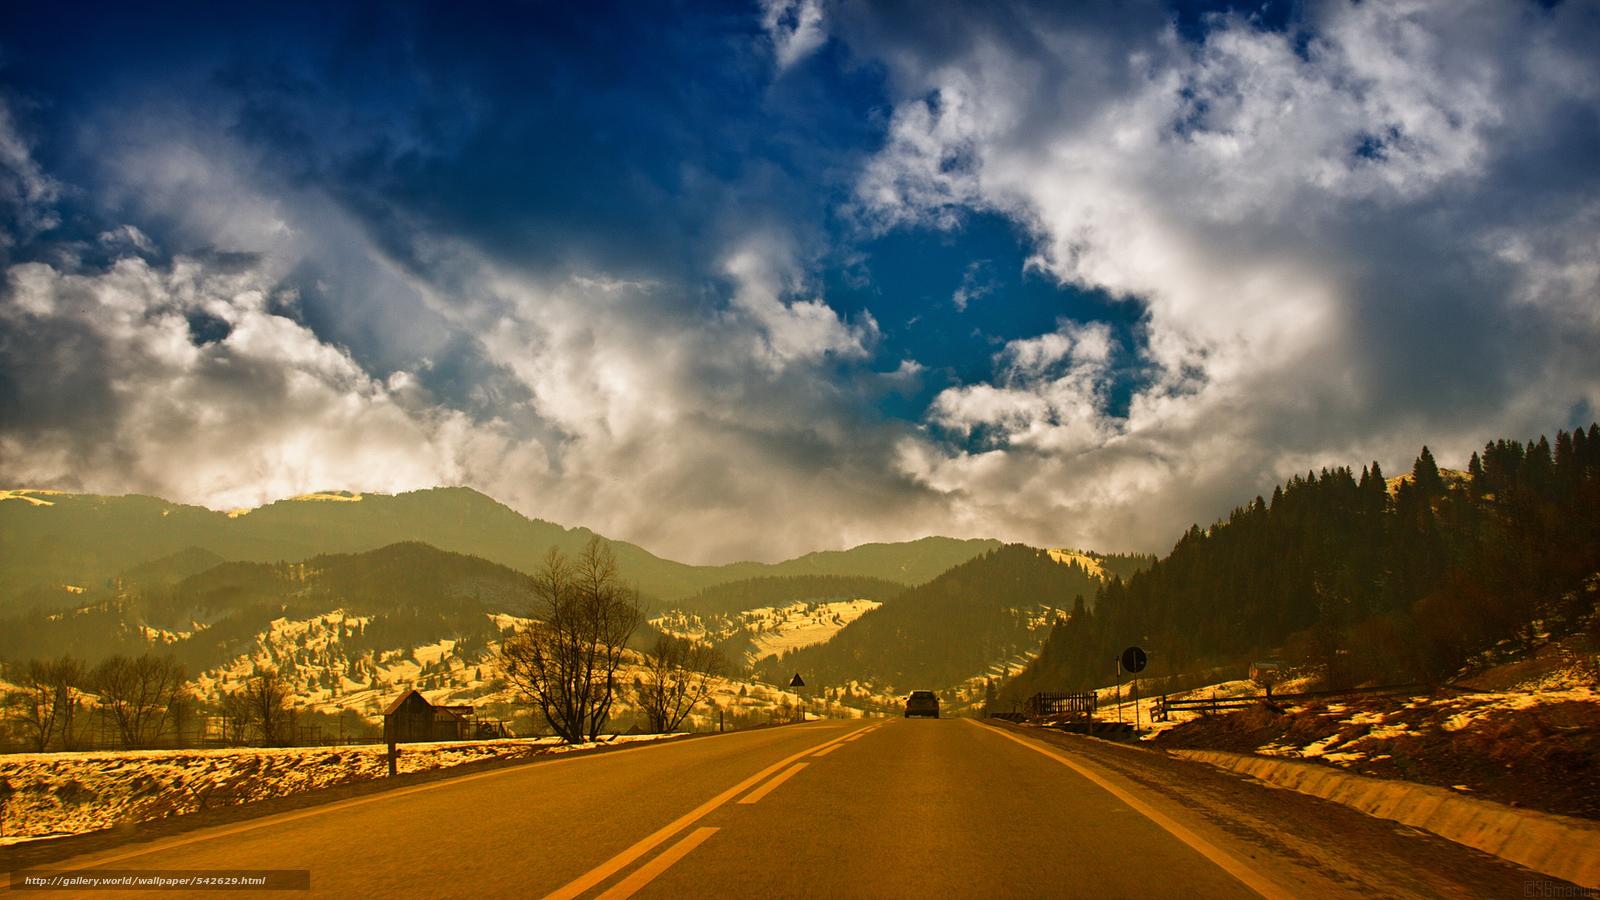 Download wallpaper romania road sky landscape free for Romania landscape